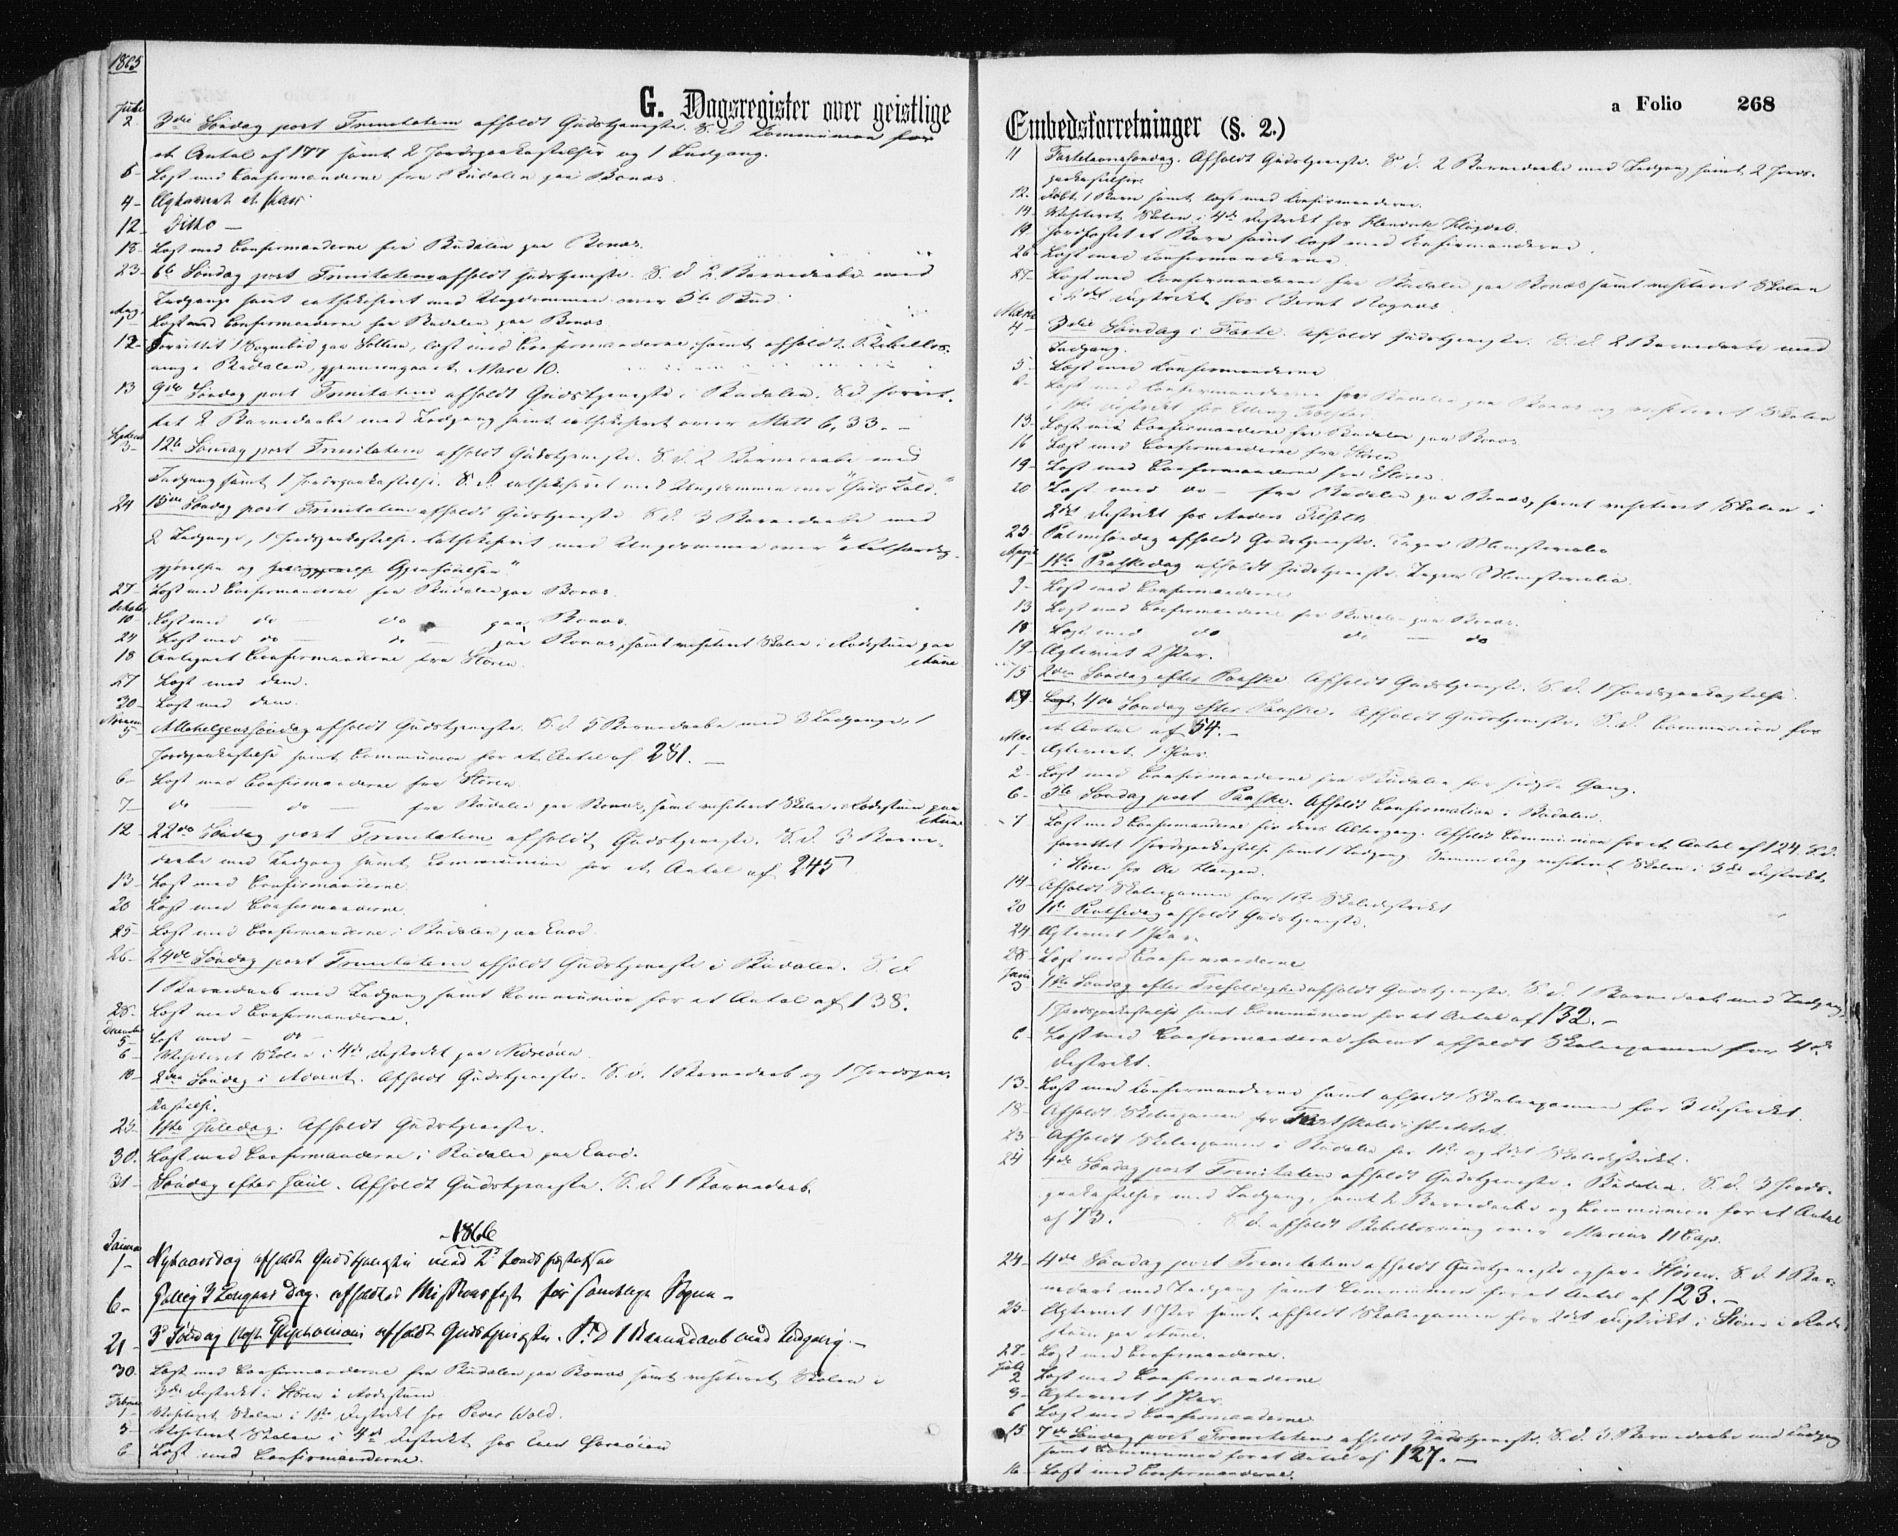 SAT, Ministerialprotokoller, klokkerbøker og fødselsregistre - Sør-Trøndelag, 687/L1001: Ministerialbok nr. 687A07, 1863-1878, s. 268